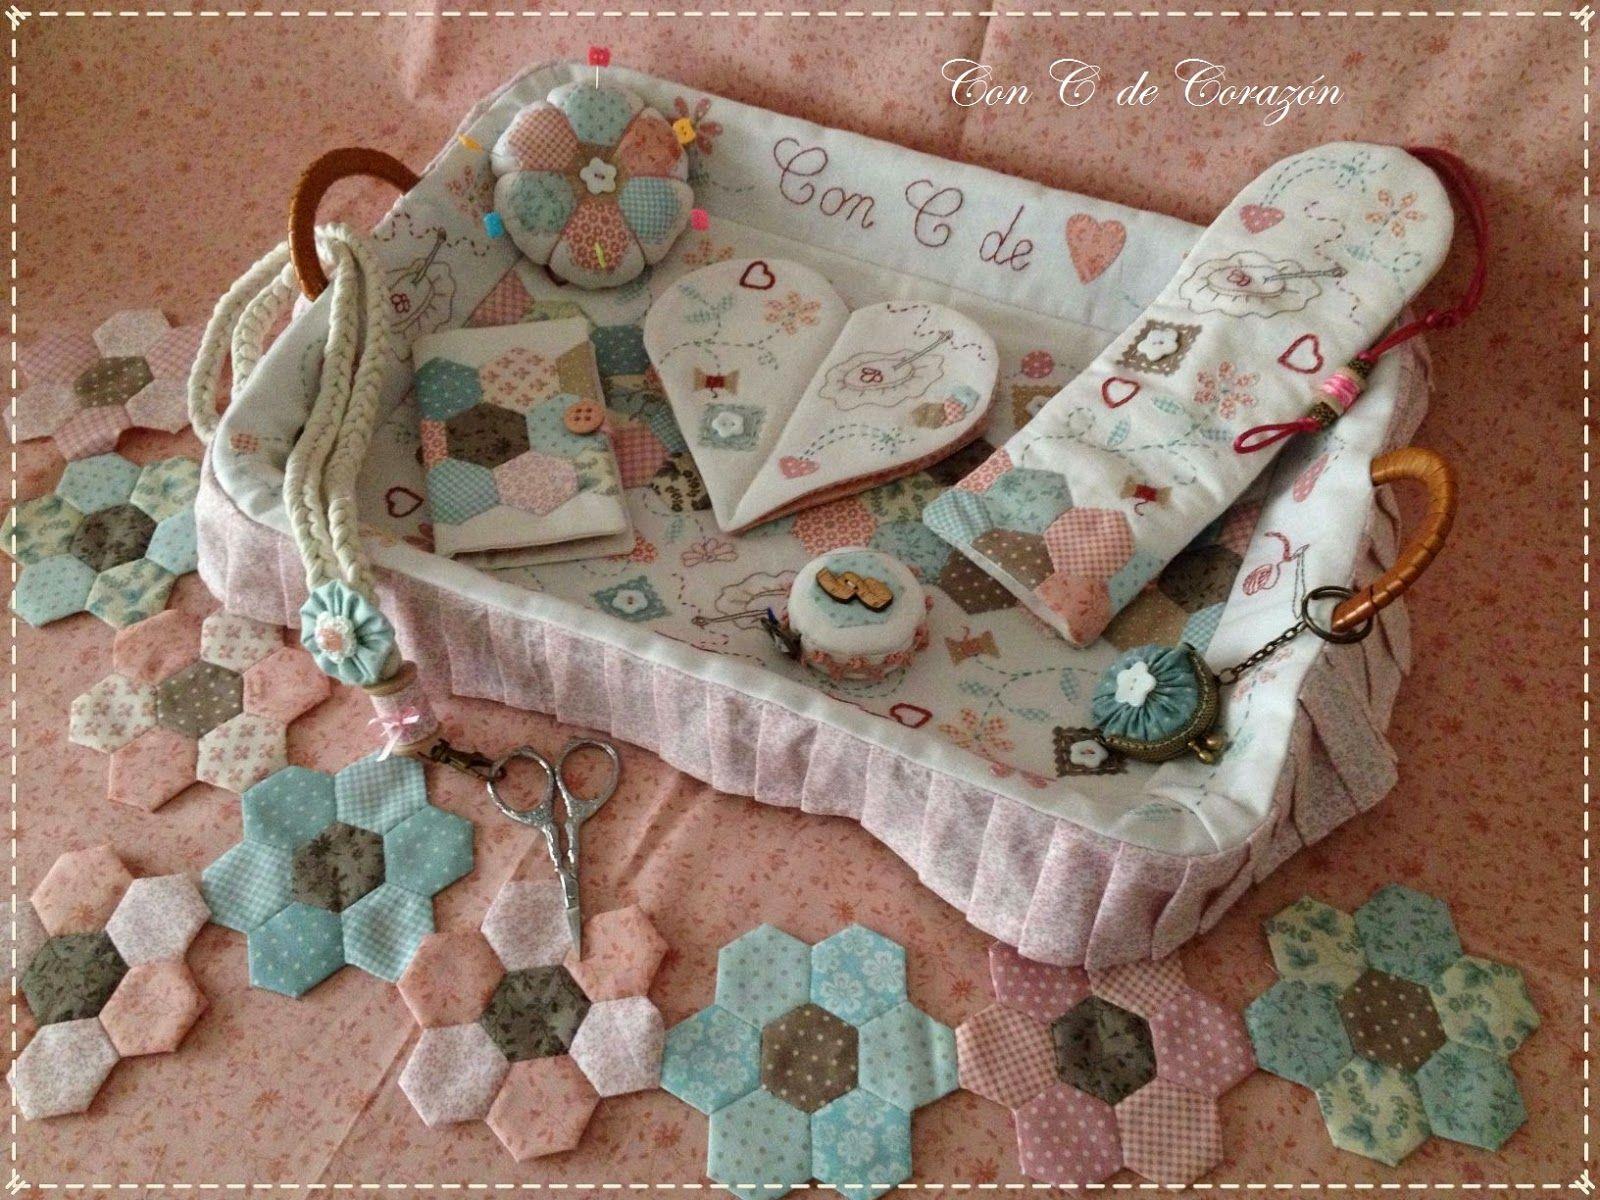 Set de costura accesorios de costura pinterest patchwork sewing accessories and english - Set de costura ...